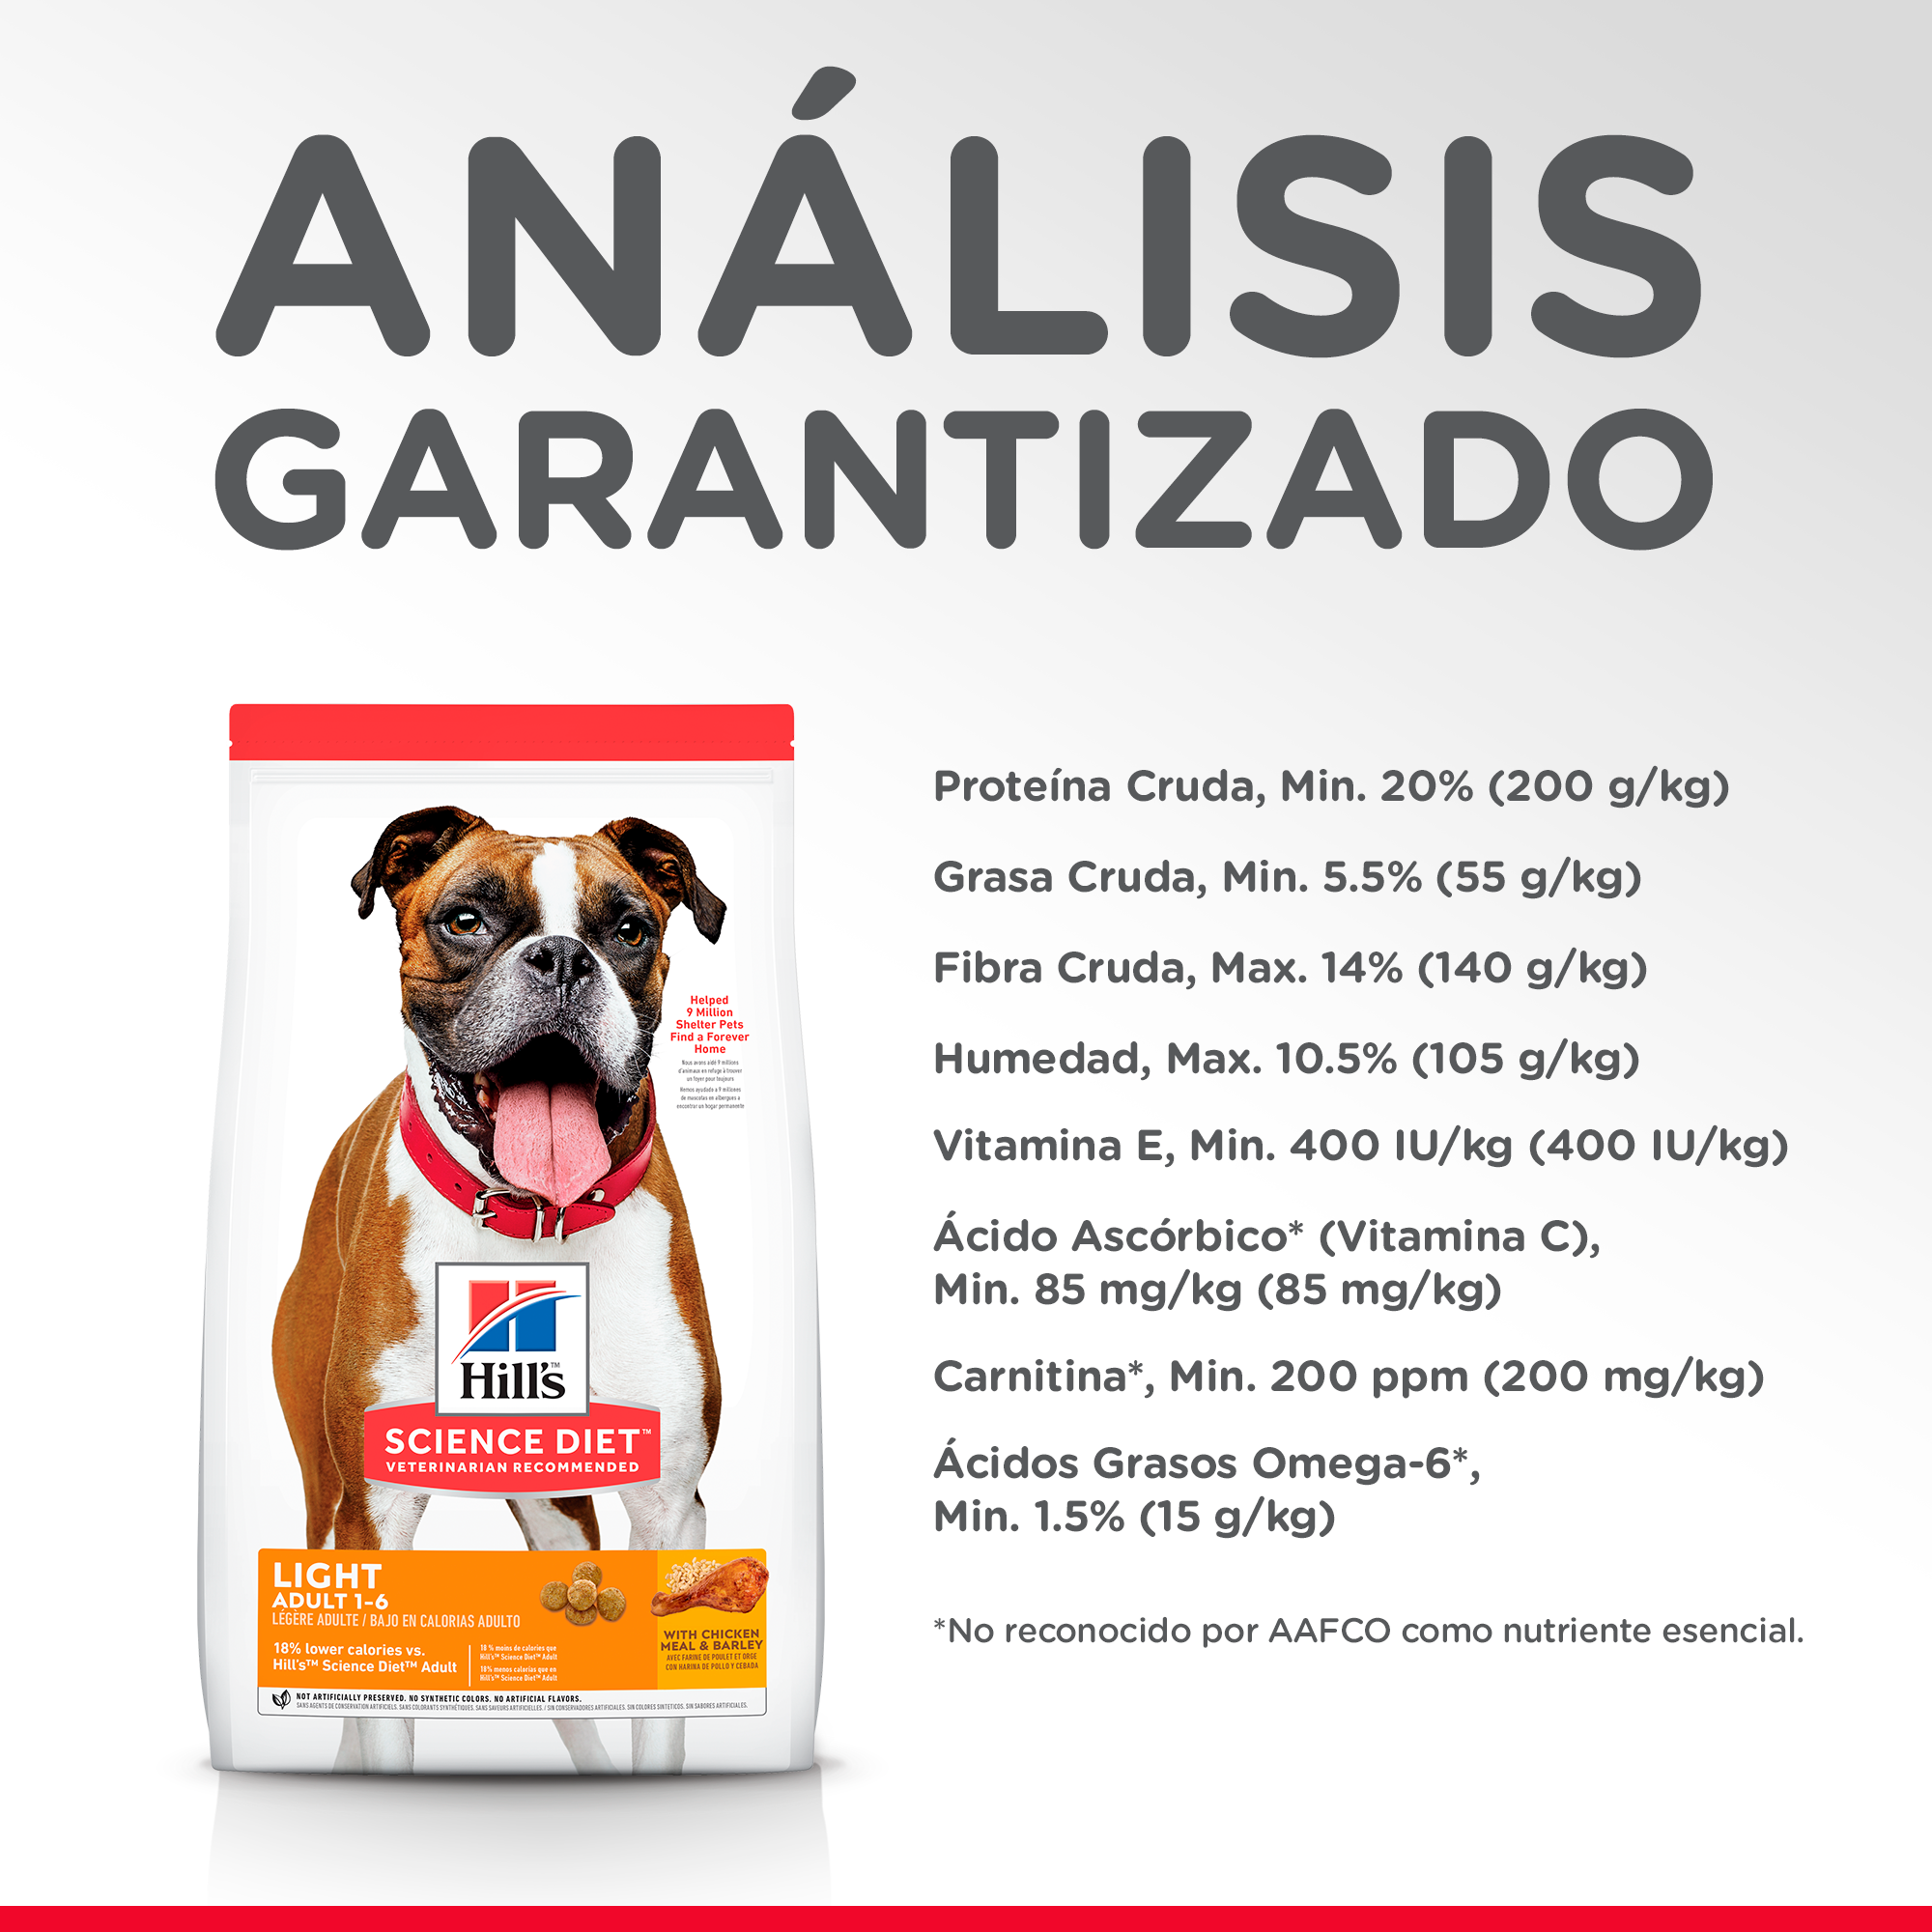 9- Guaranteed Analysis